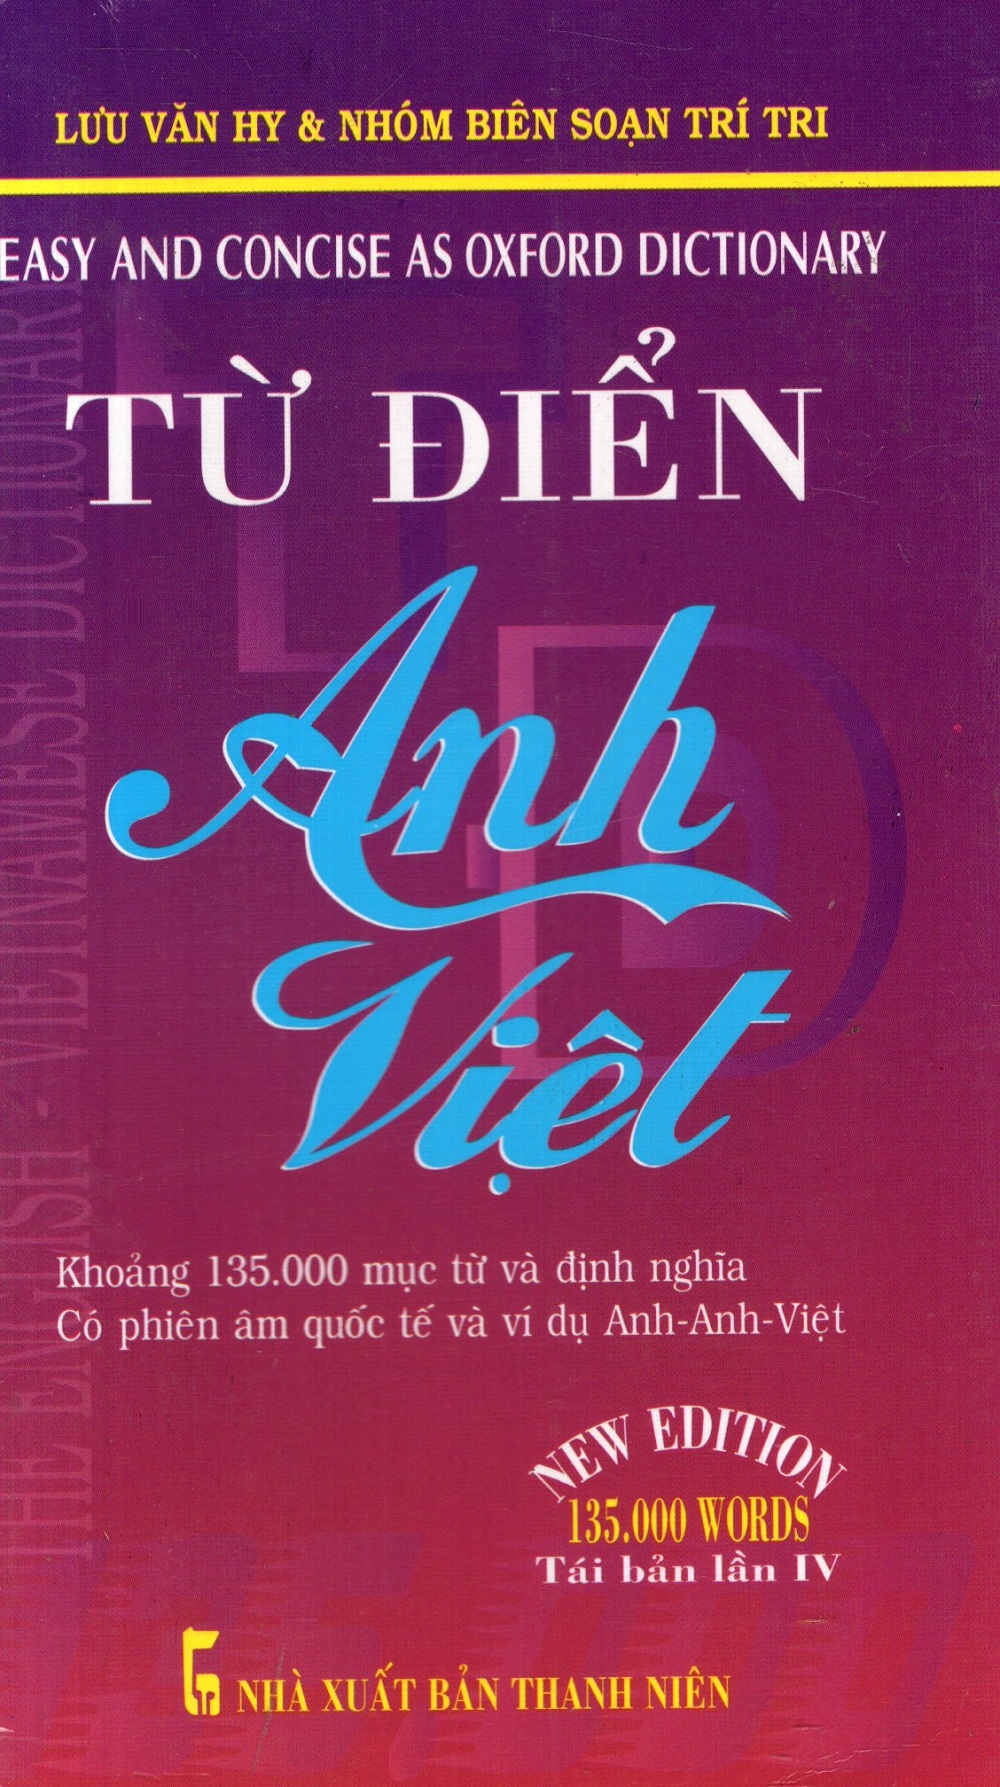 Từ Điển Anh - Việt (Khoảng 135.000 Từ)